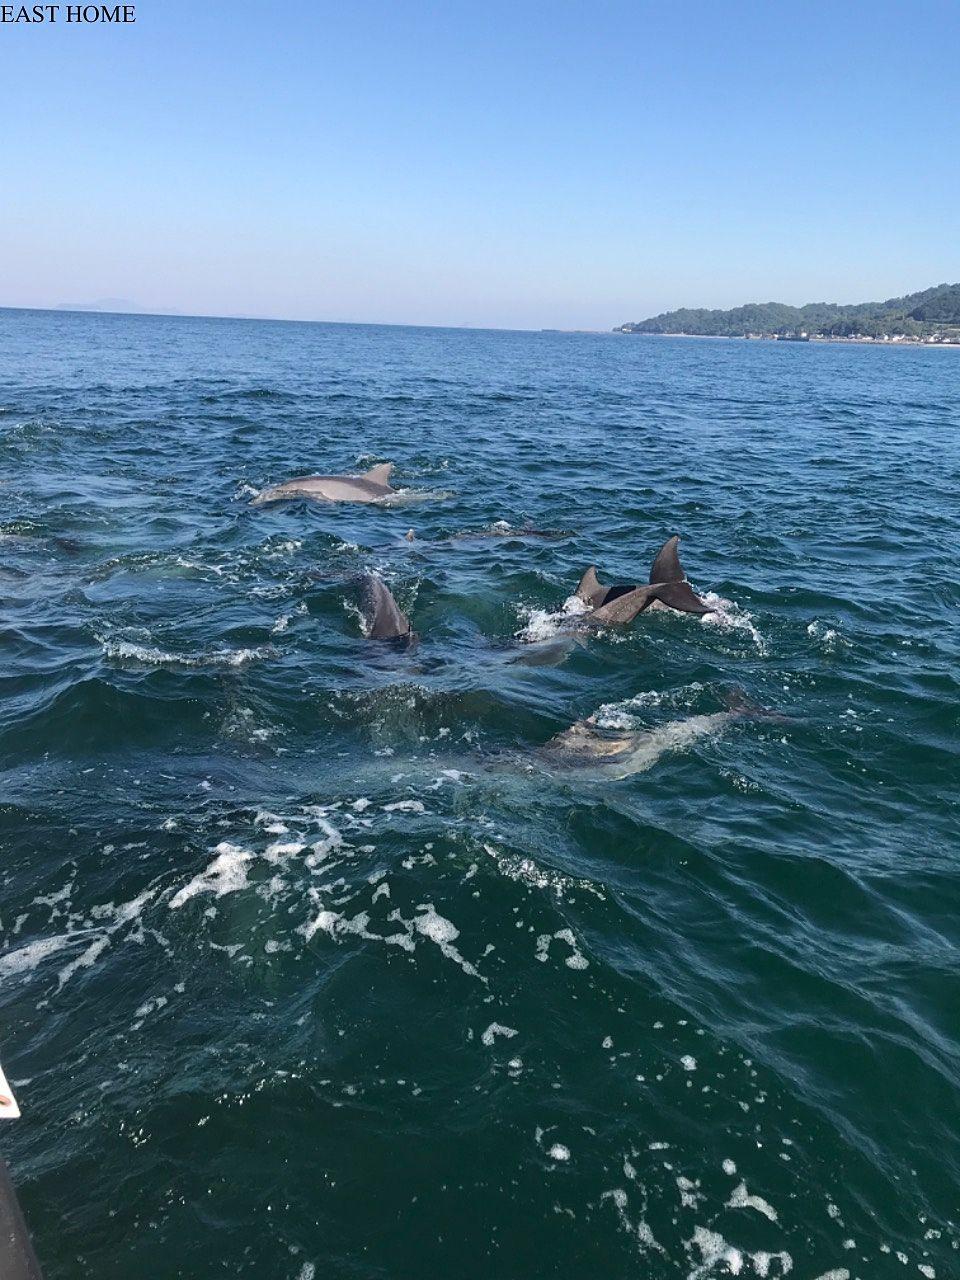 熊本にてイルカの大群に遭遇して興奮する!